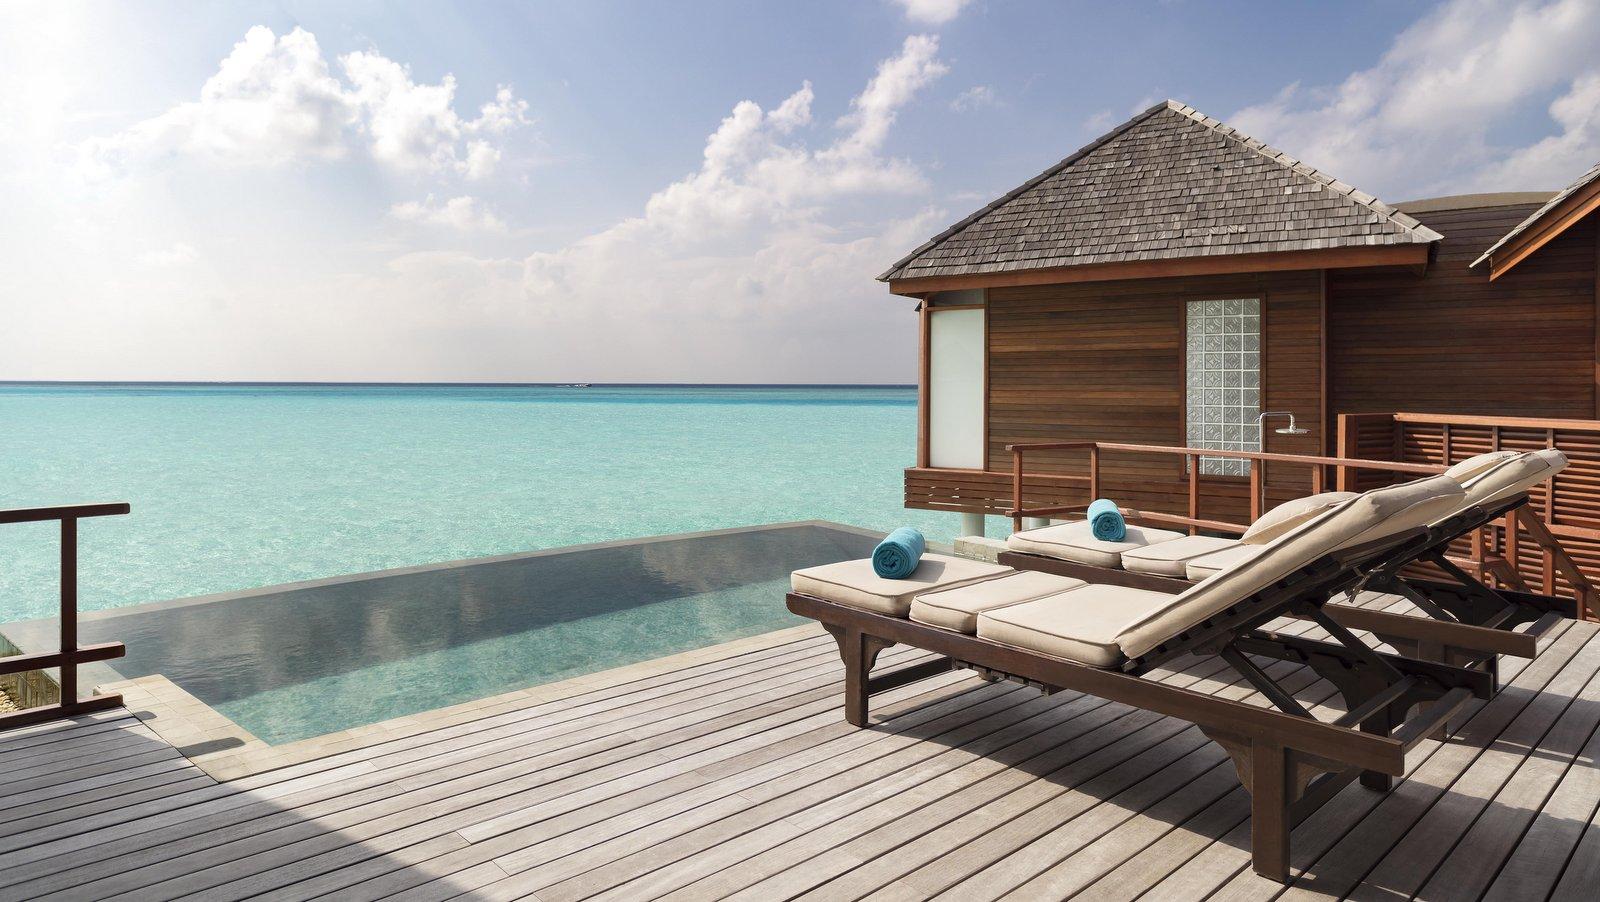 Мальдивы, отель Anantara Dhigu Maldives Resort, номер Anantara Over Water Pool Suite